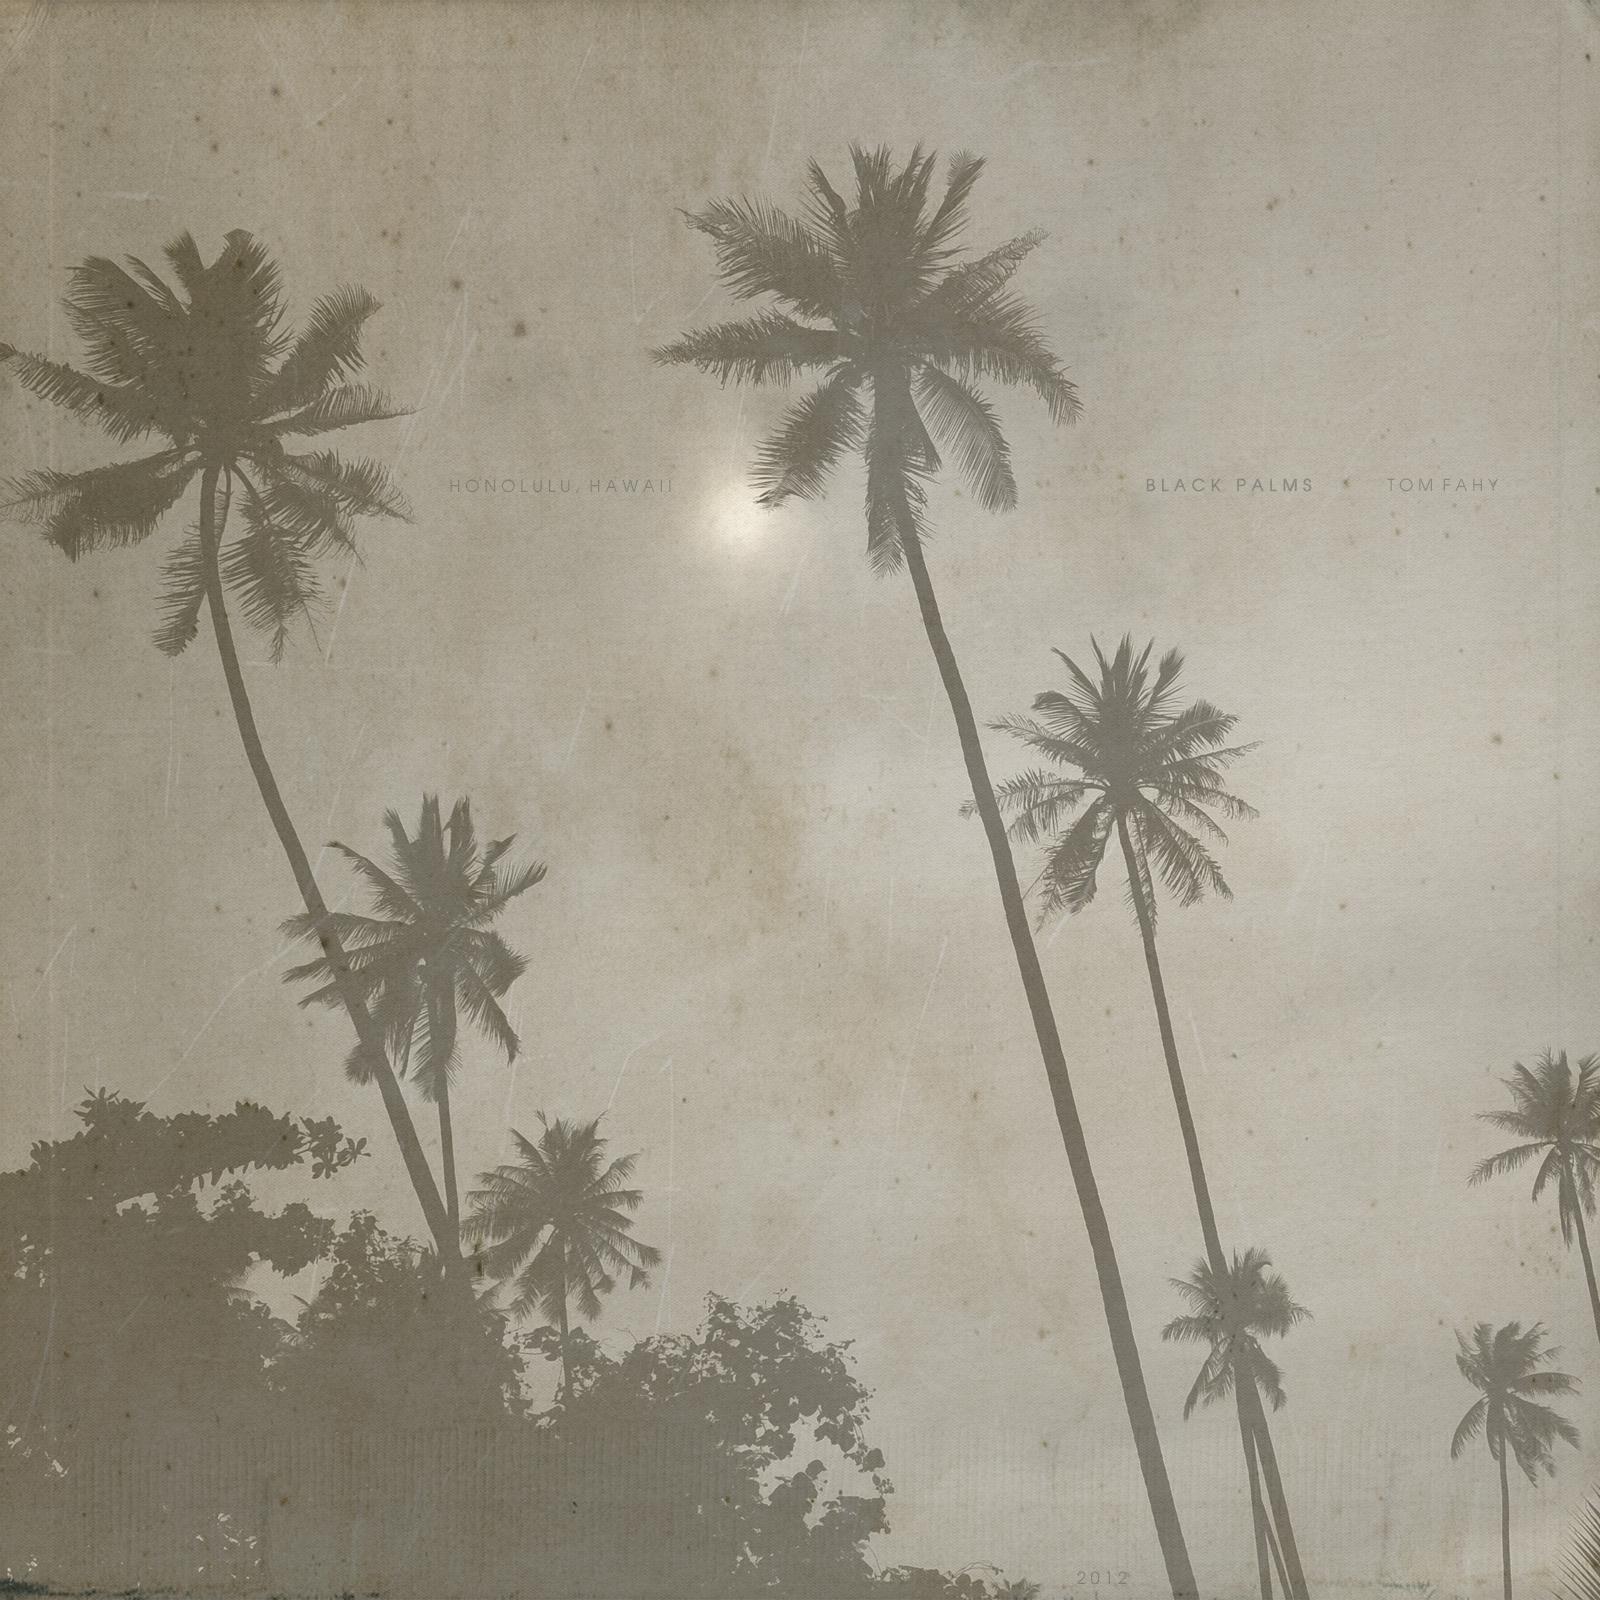 Black Palms by Tom Fahy